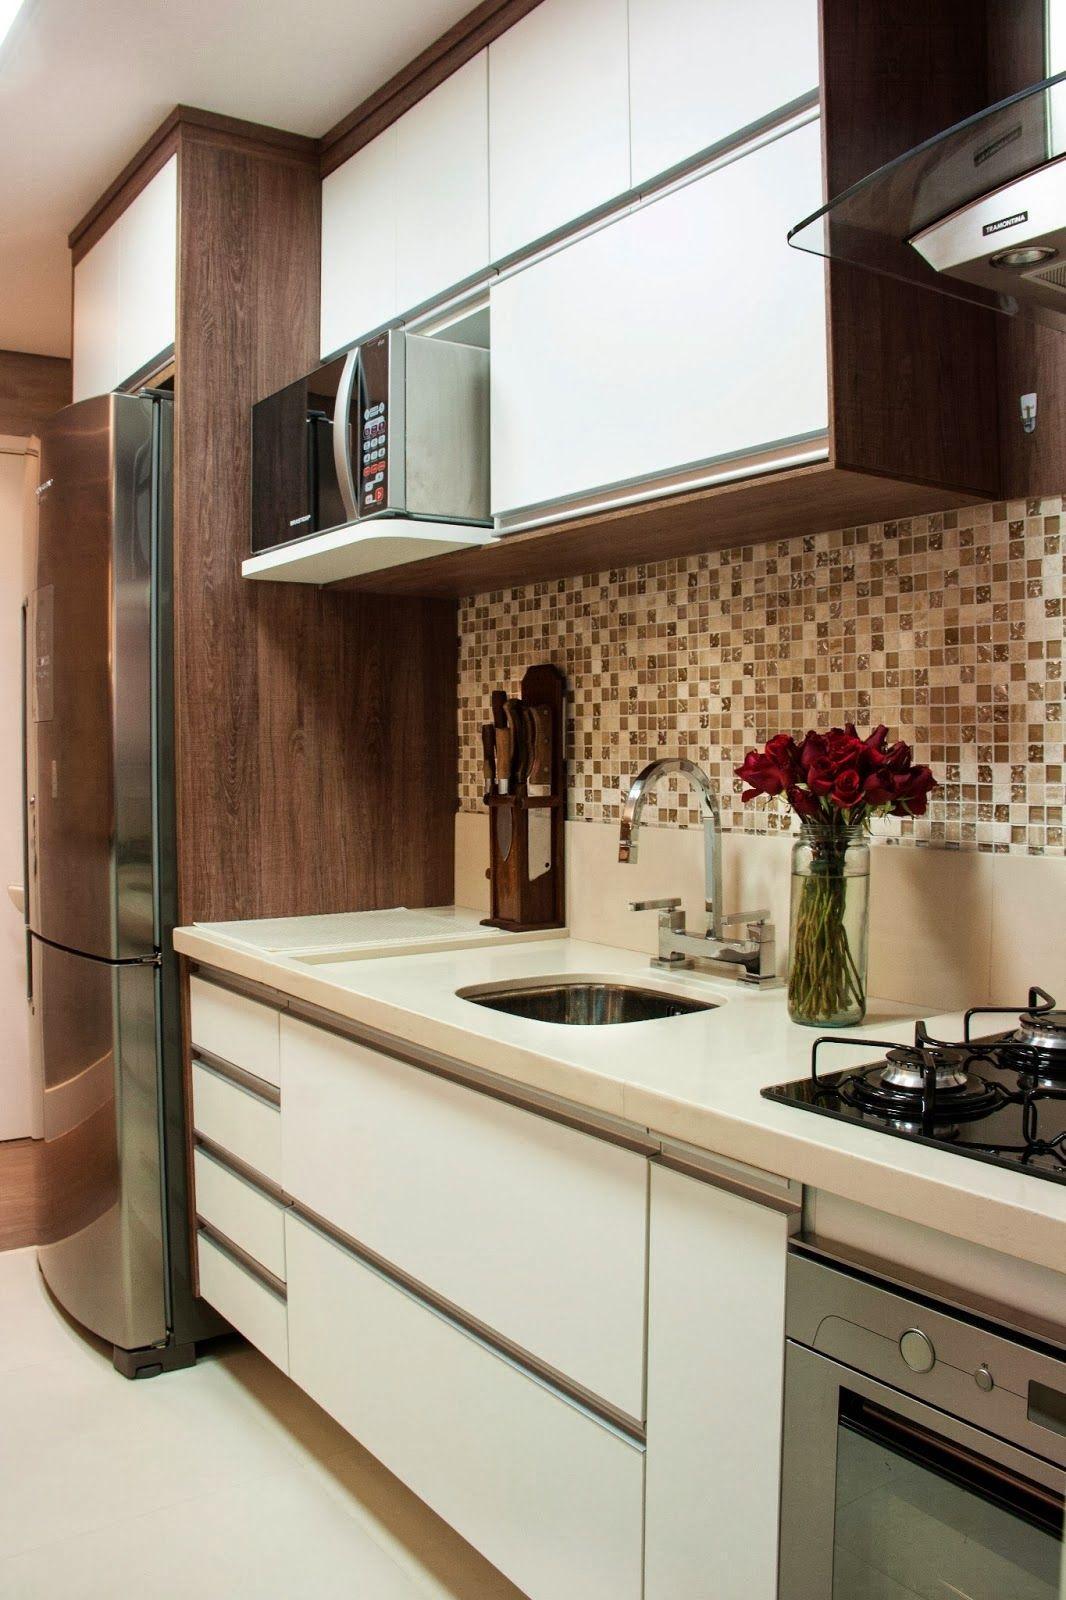 Cozinha pequena | Cozinhas pequenas | Pinterest | Cocinas ...